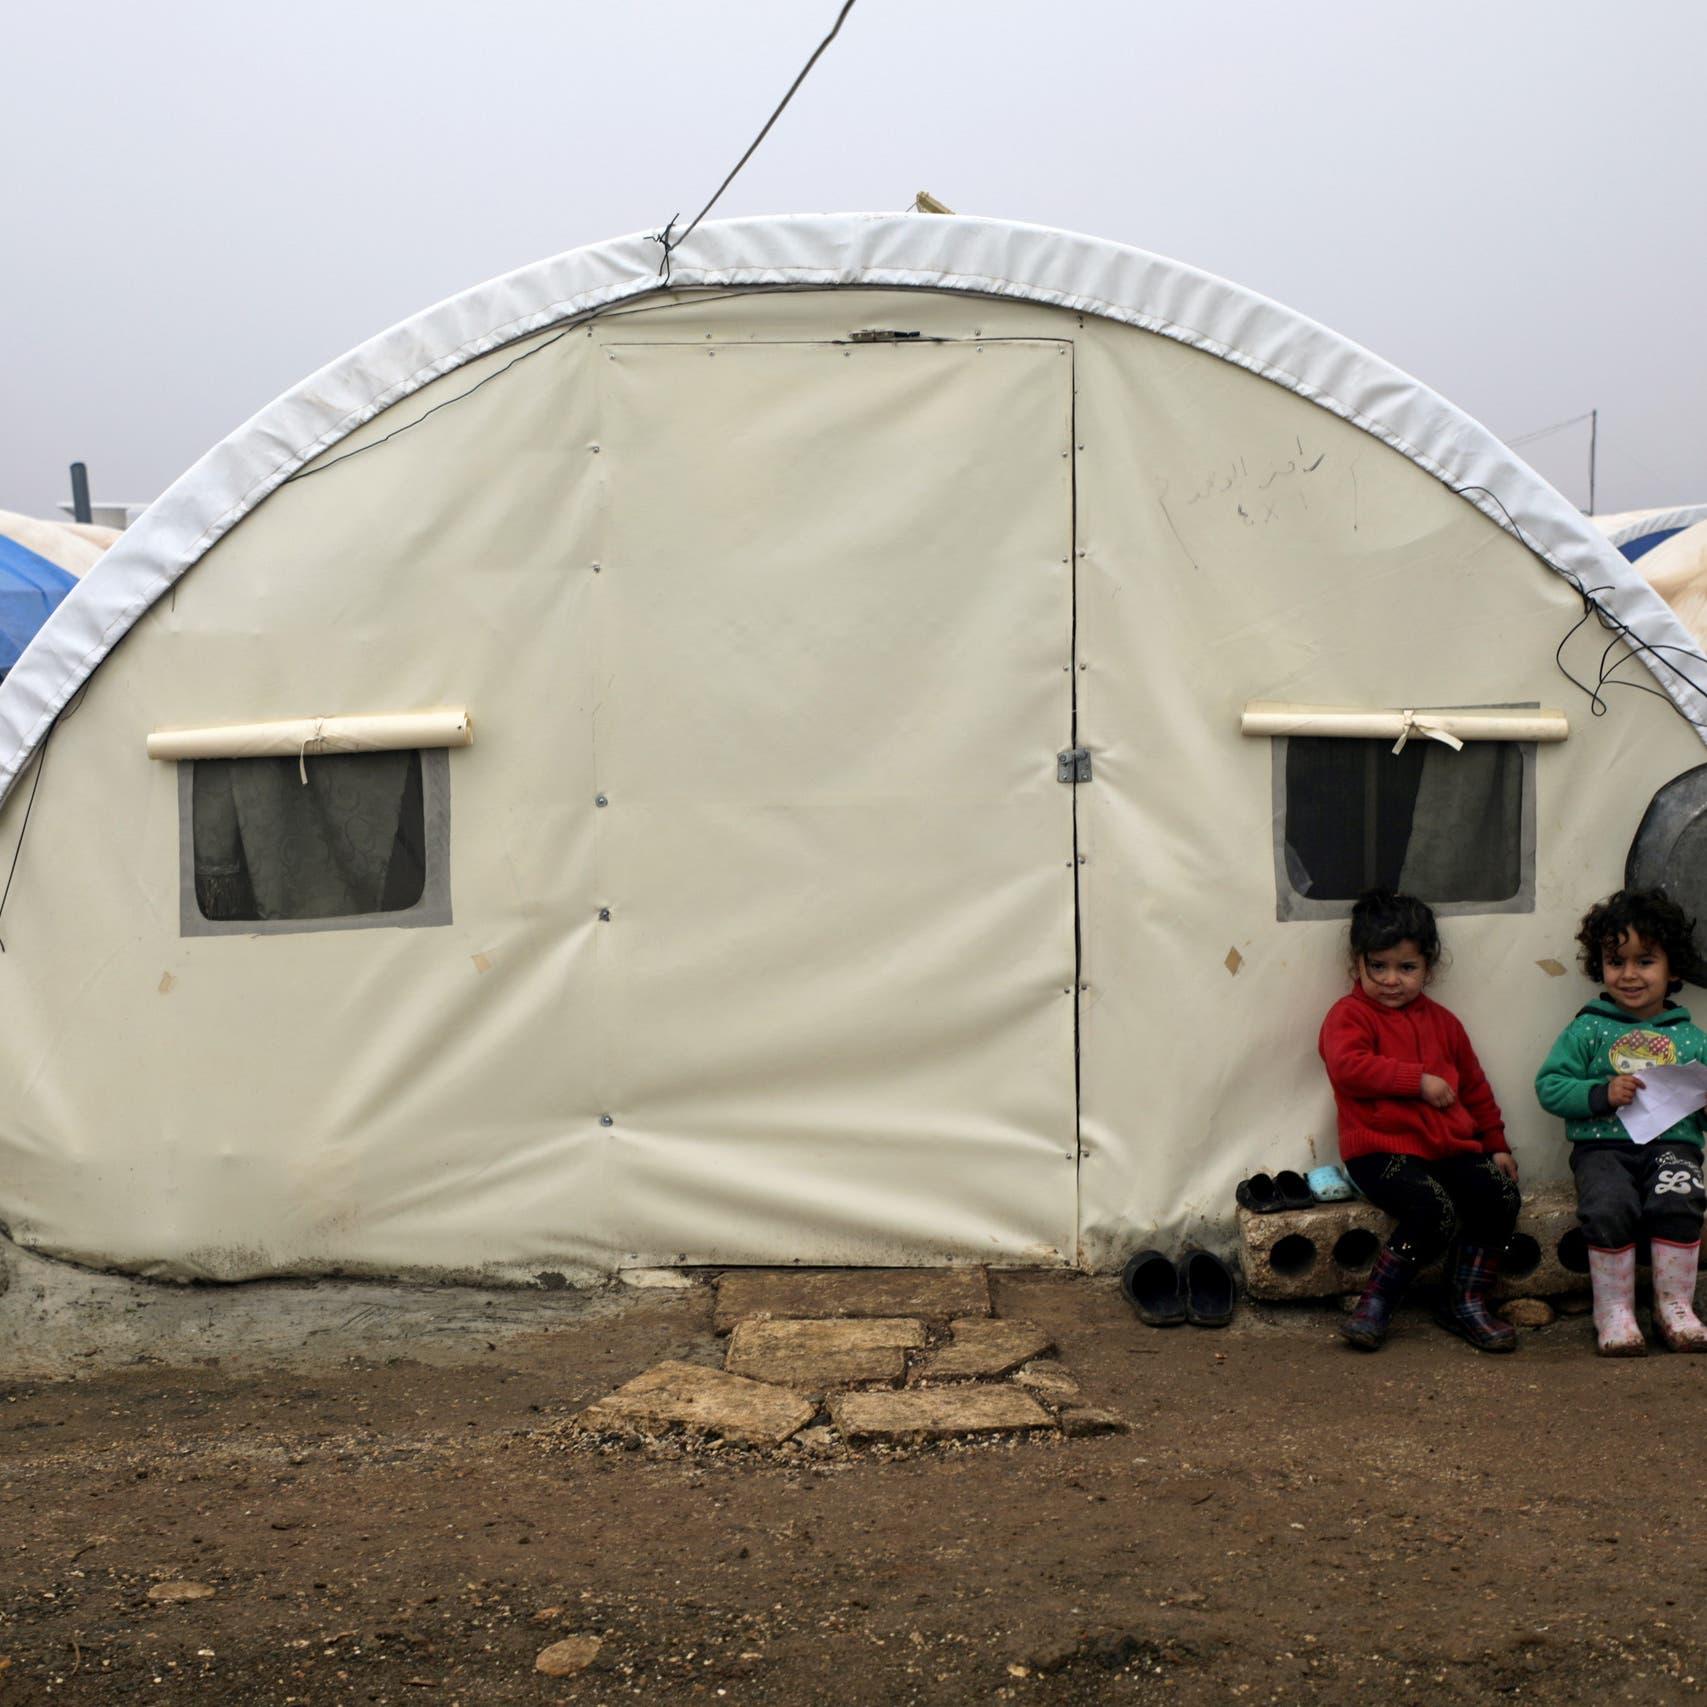 صغار سوريا بلا أمل.. الحرب سرقت طفولتهم